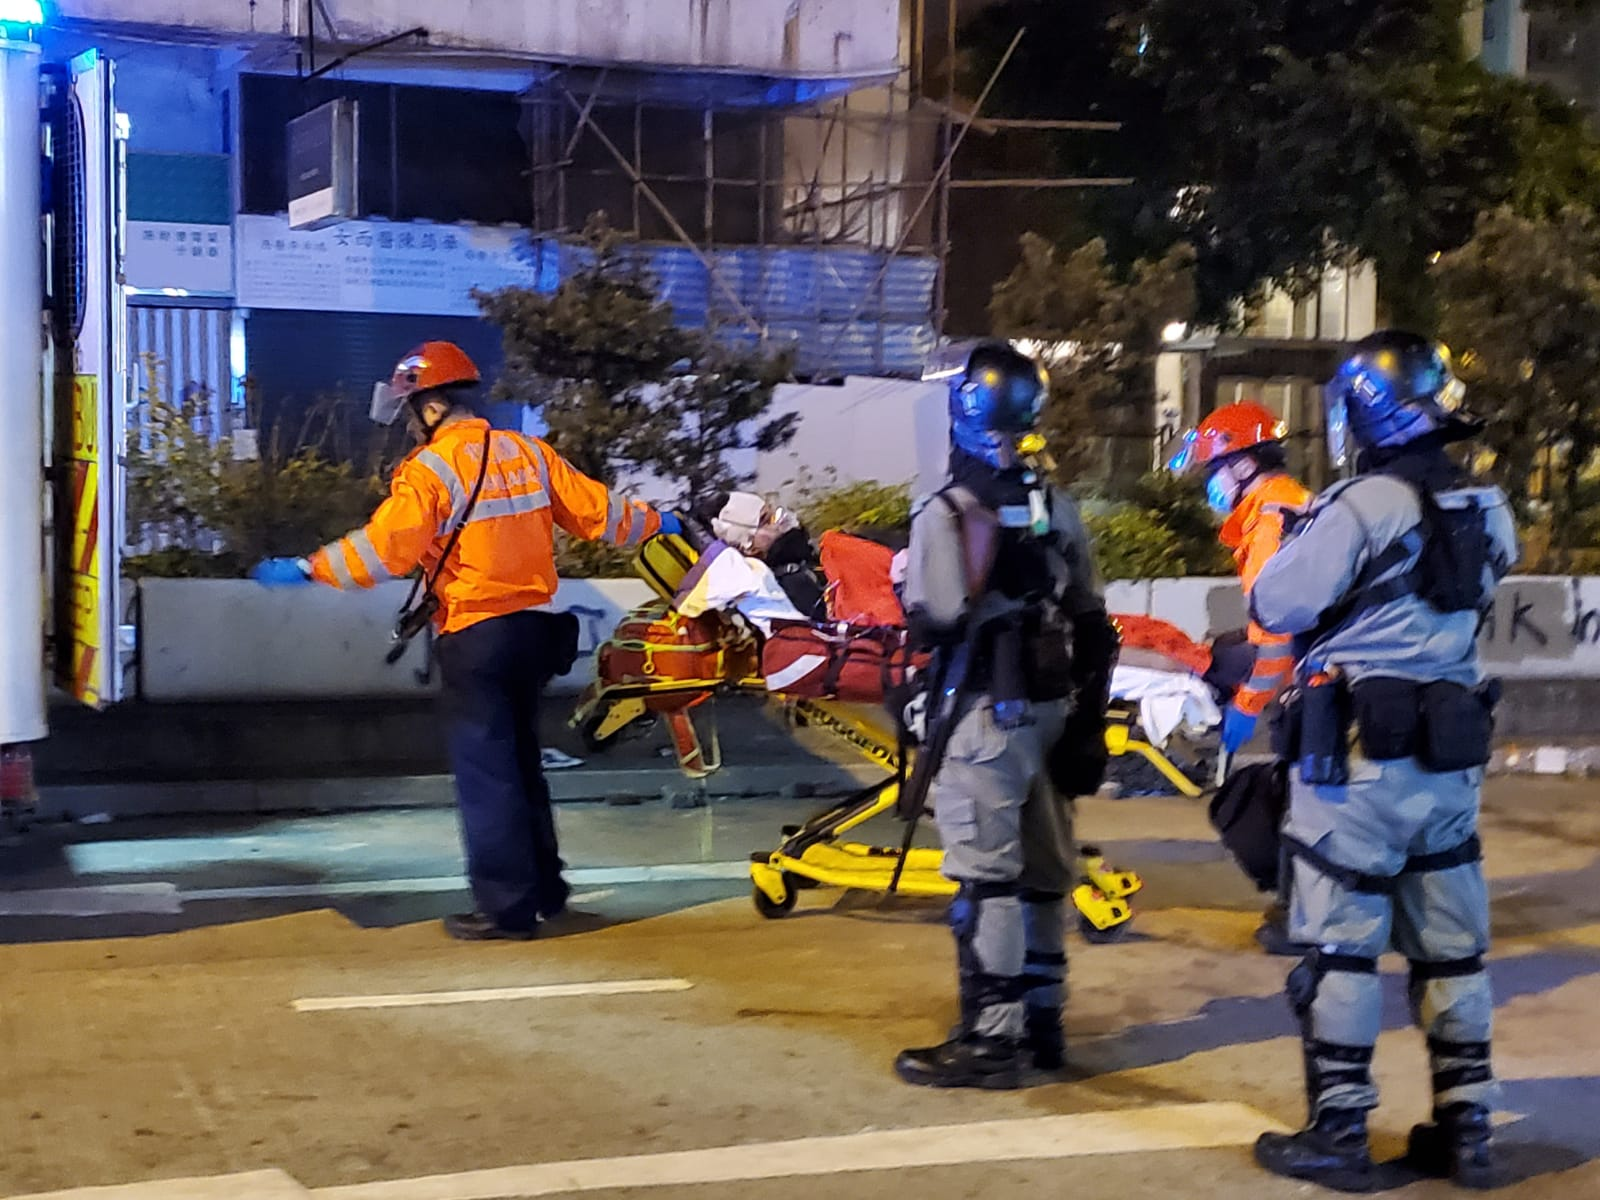 油麻地事件中,其中一名男子由擔架抬離現場。資料圖片